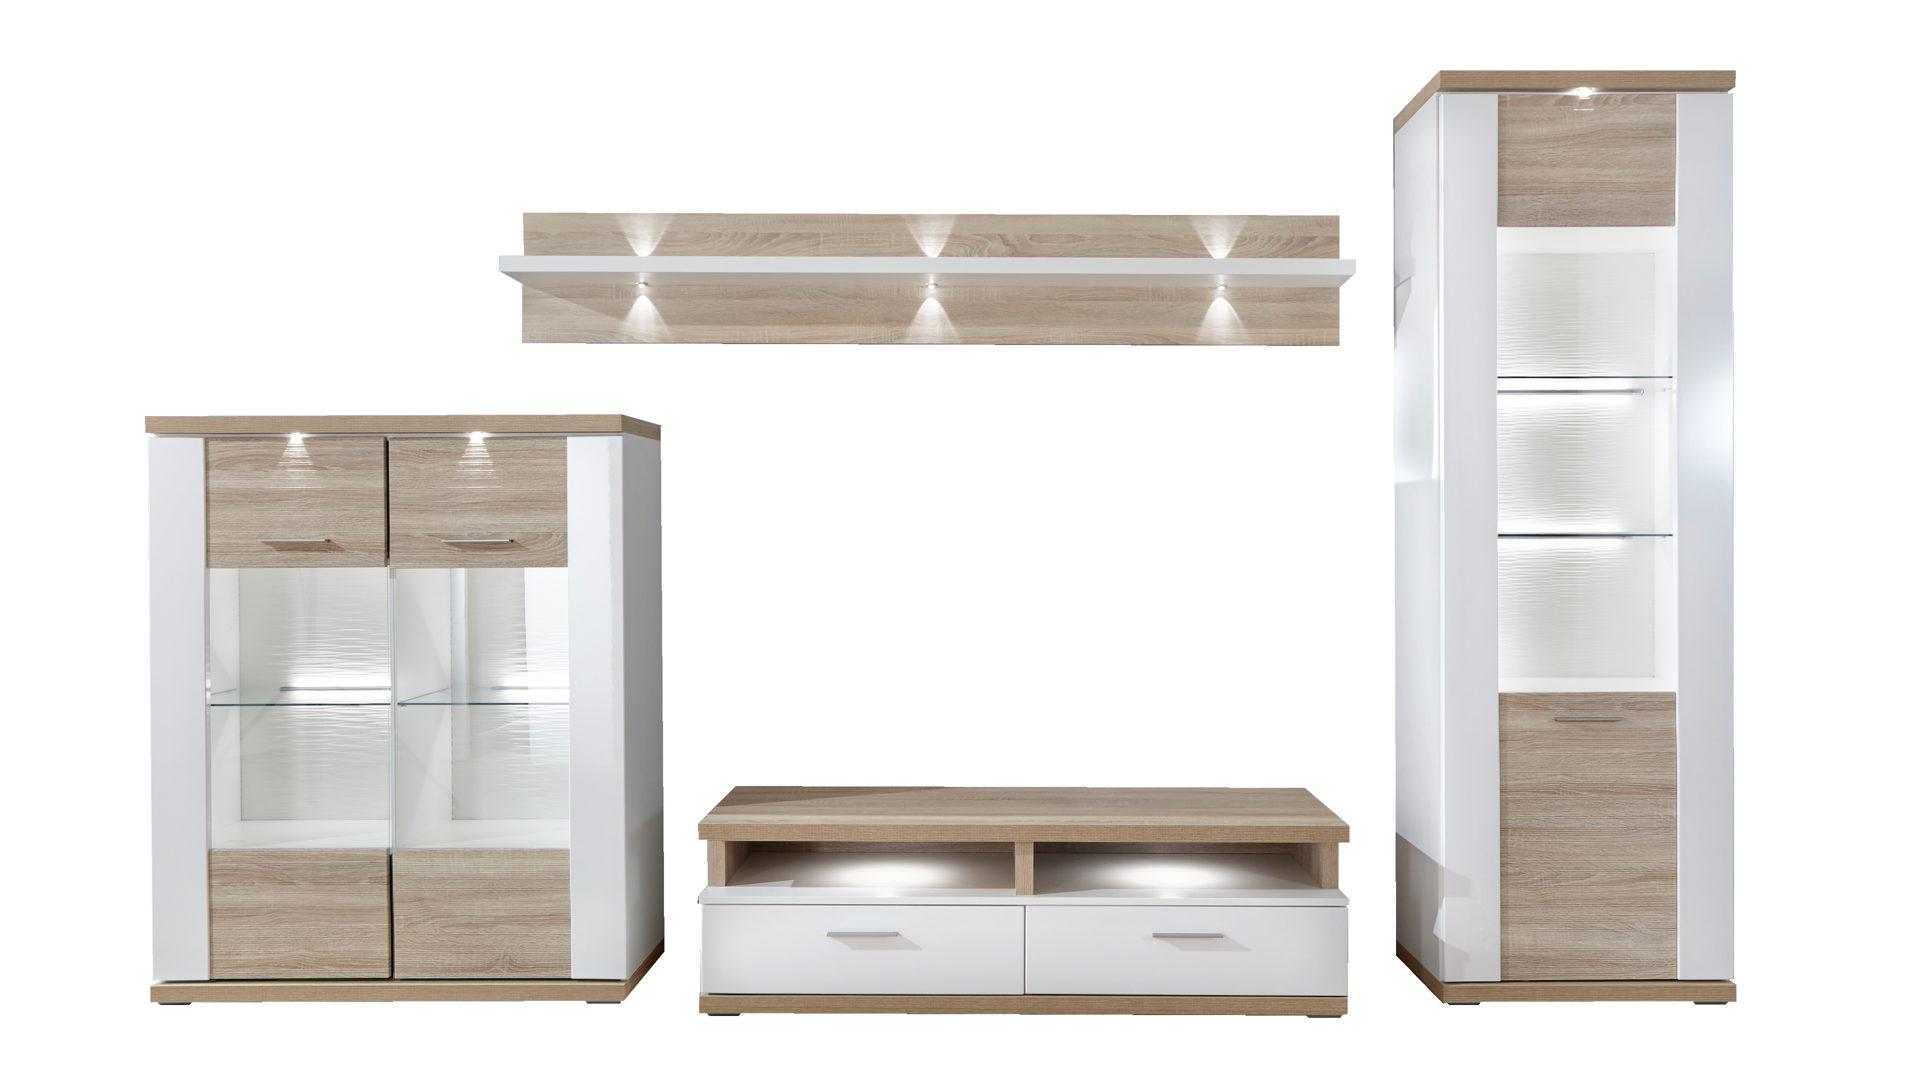 Möbel Mülheim möbel bernskötter mülheim wohnkombination wohnwand mit tv möbel